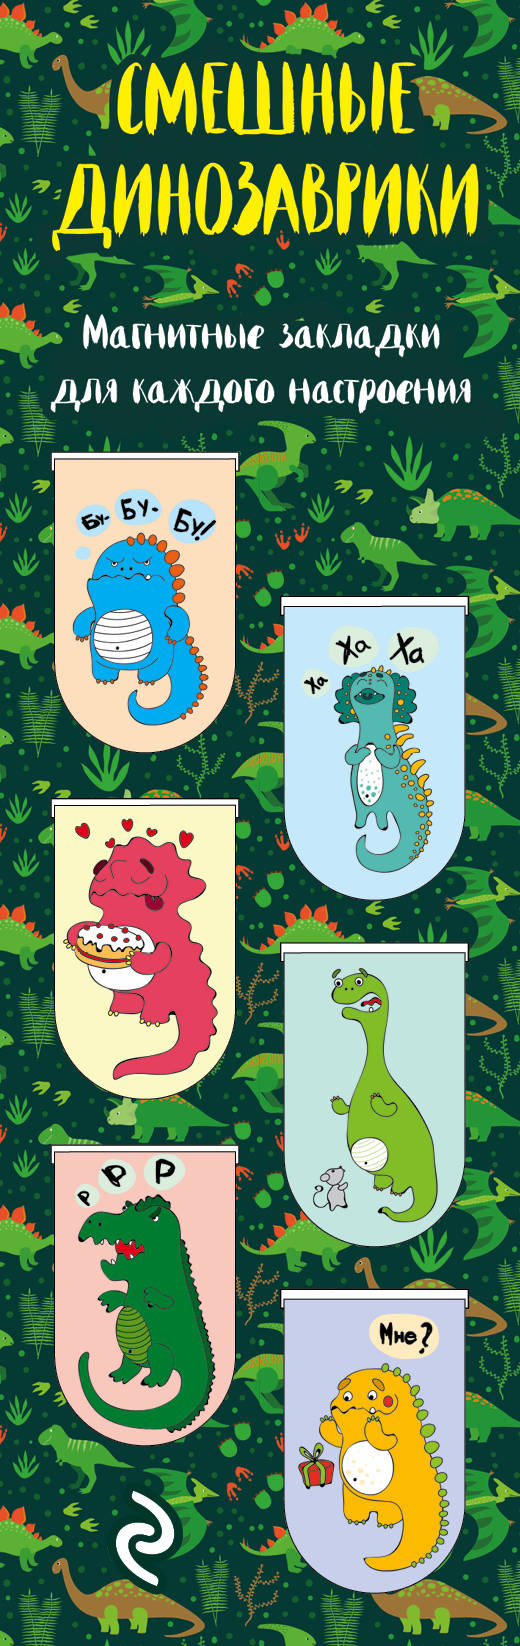 Магнитные закладки. Смешные динозаврики (6 закладок полукругл.) магнитные закладки олени в большом городе 6 закладок полукругл